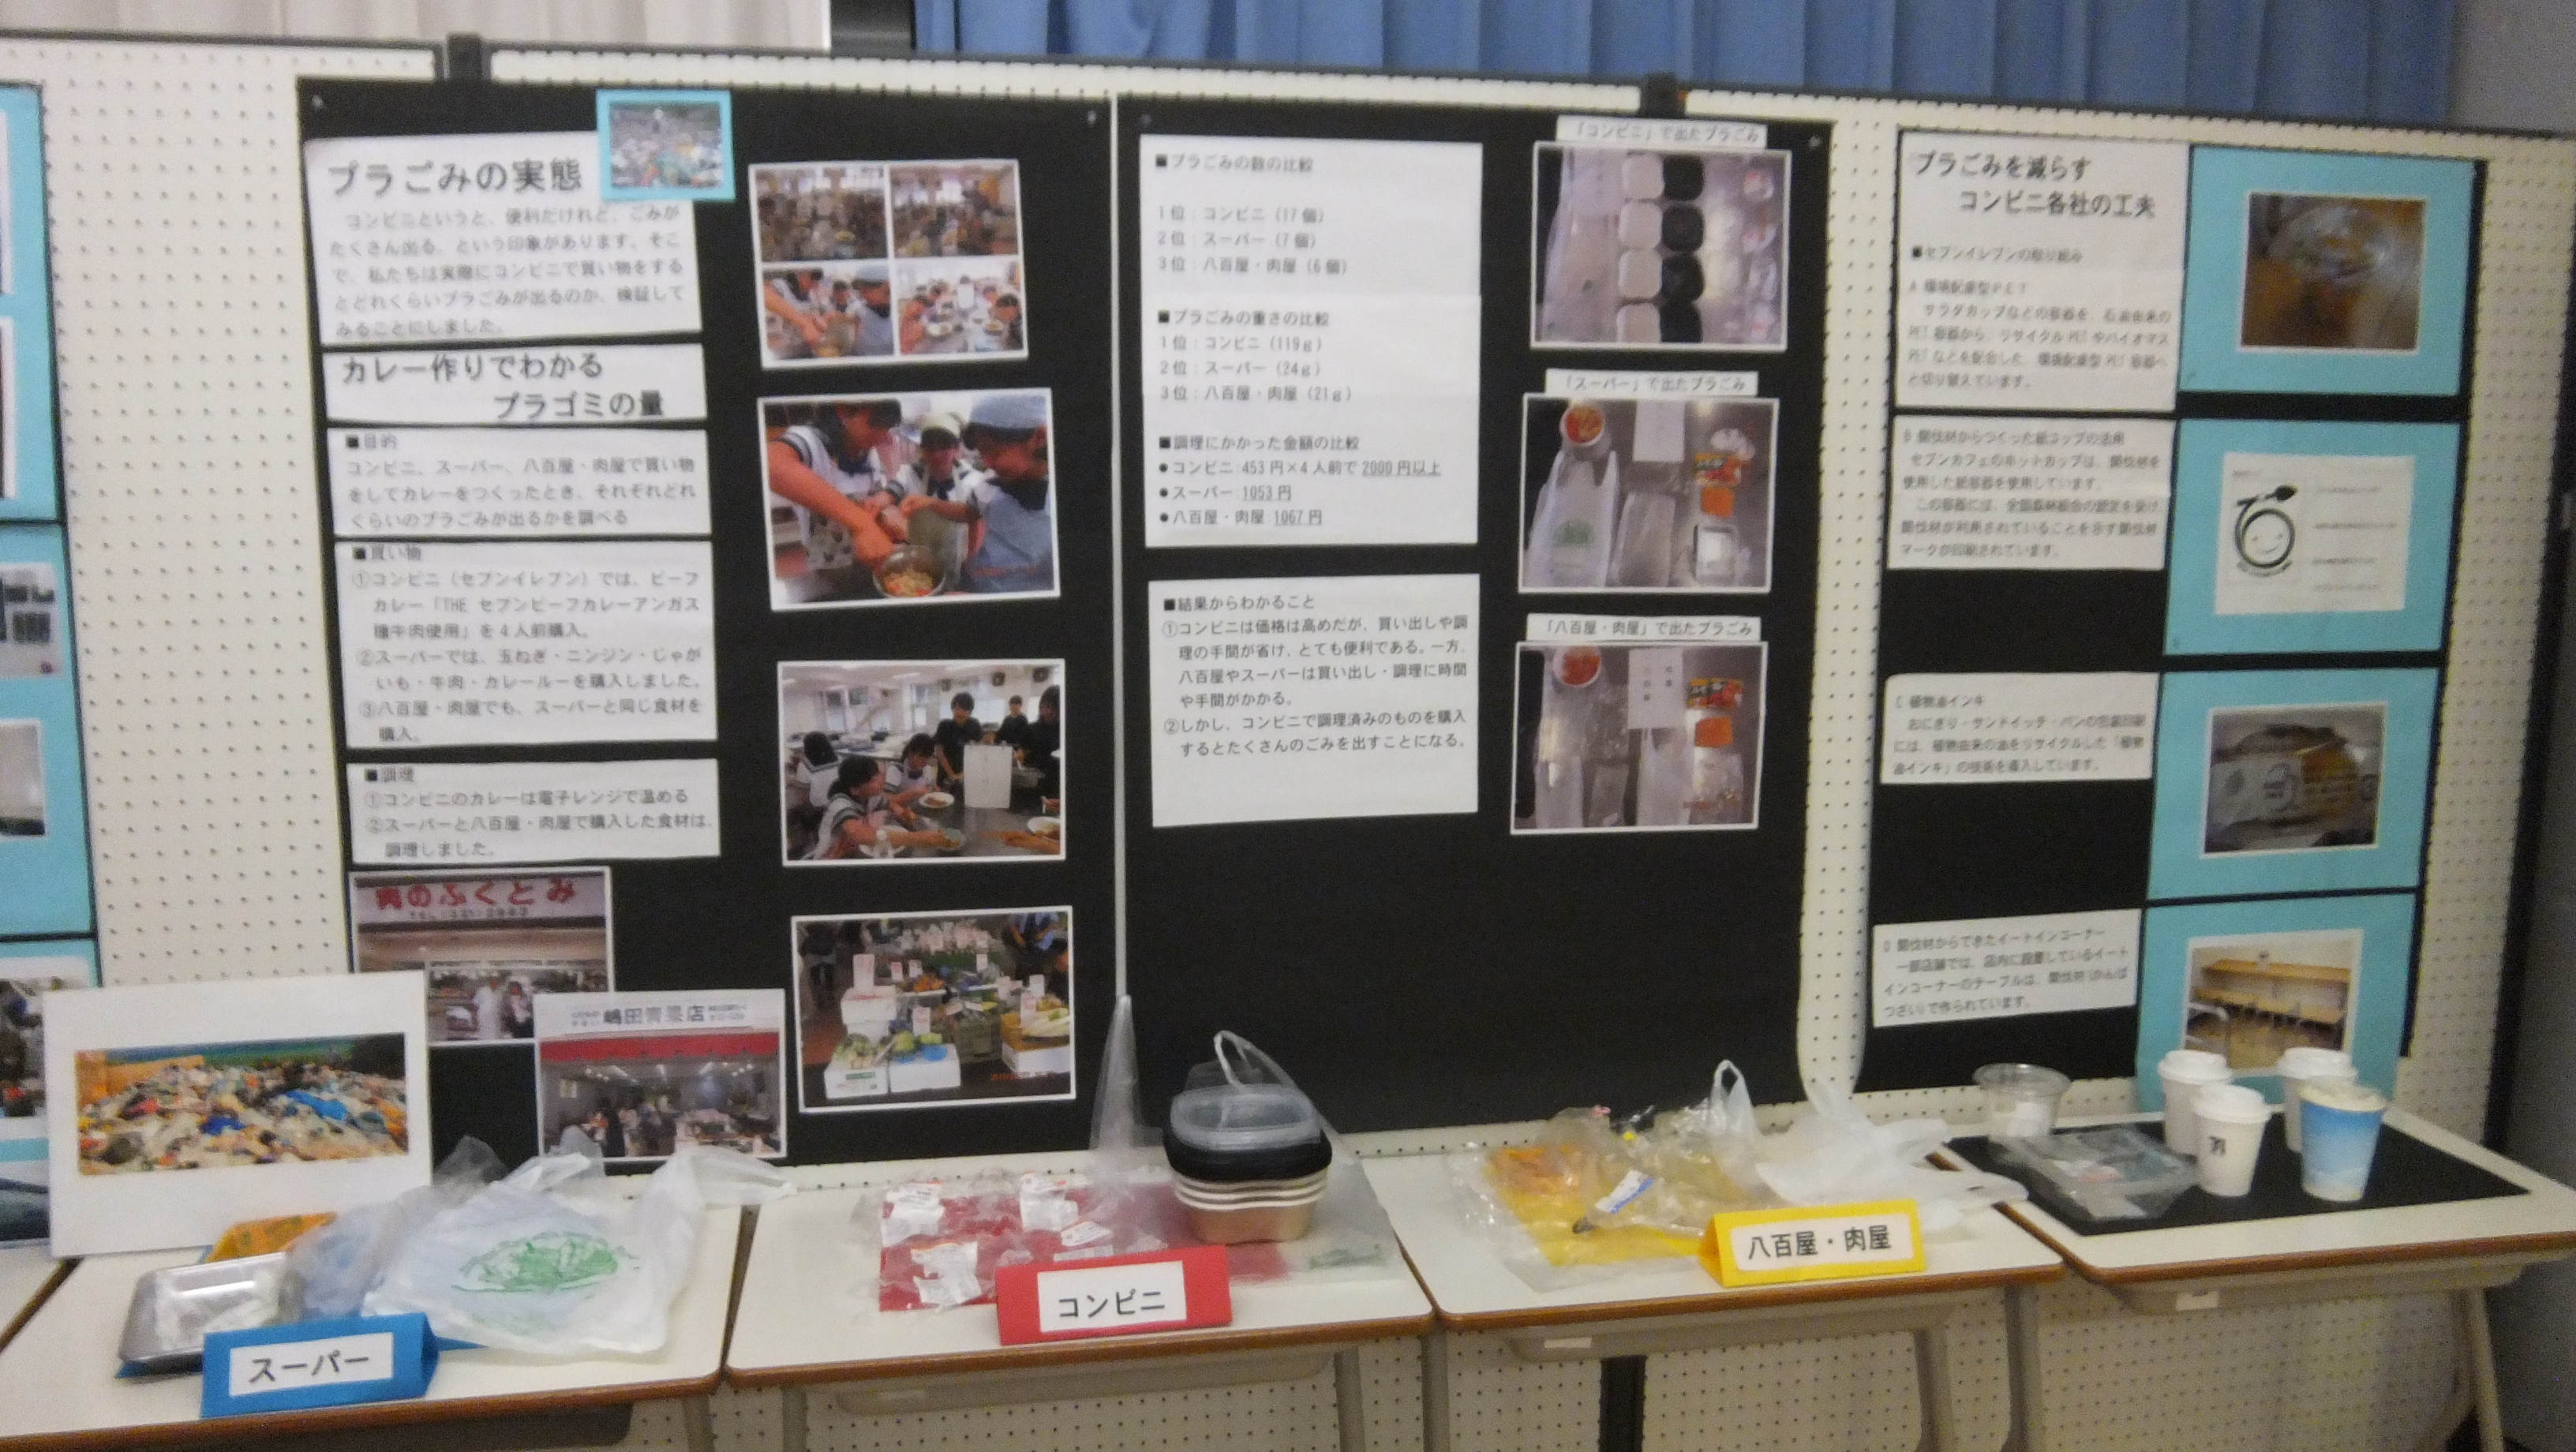 展示の様子 3